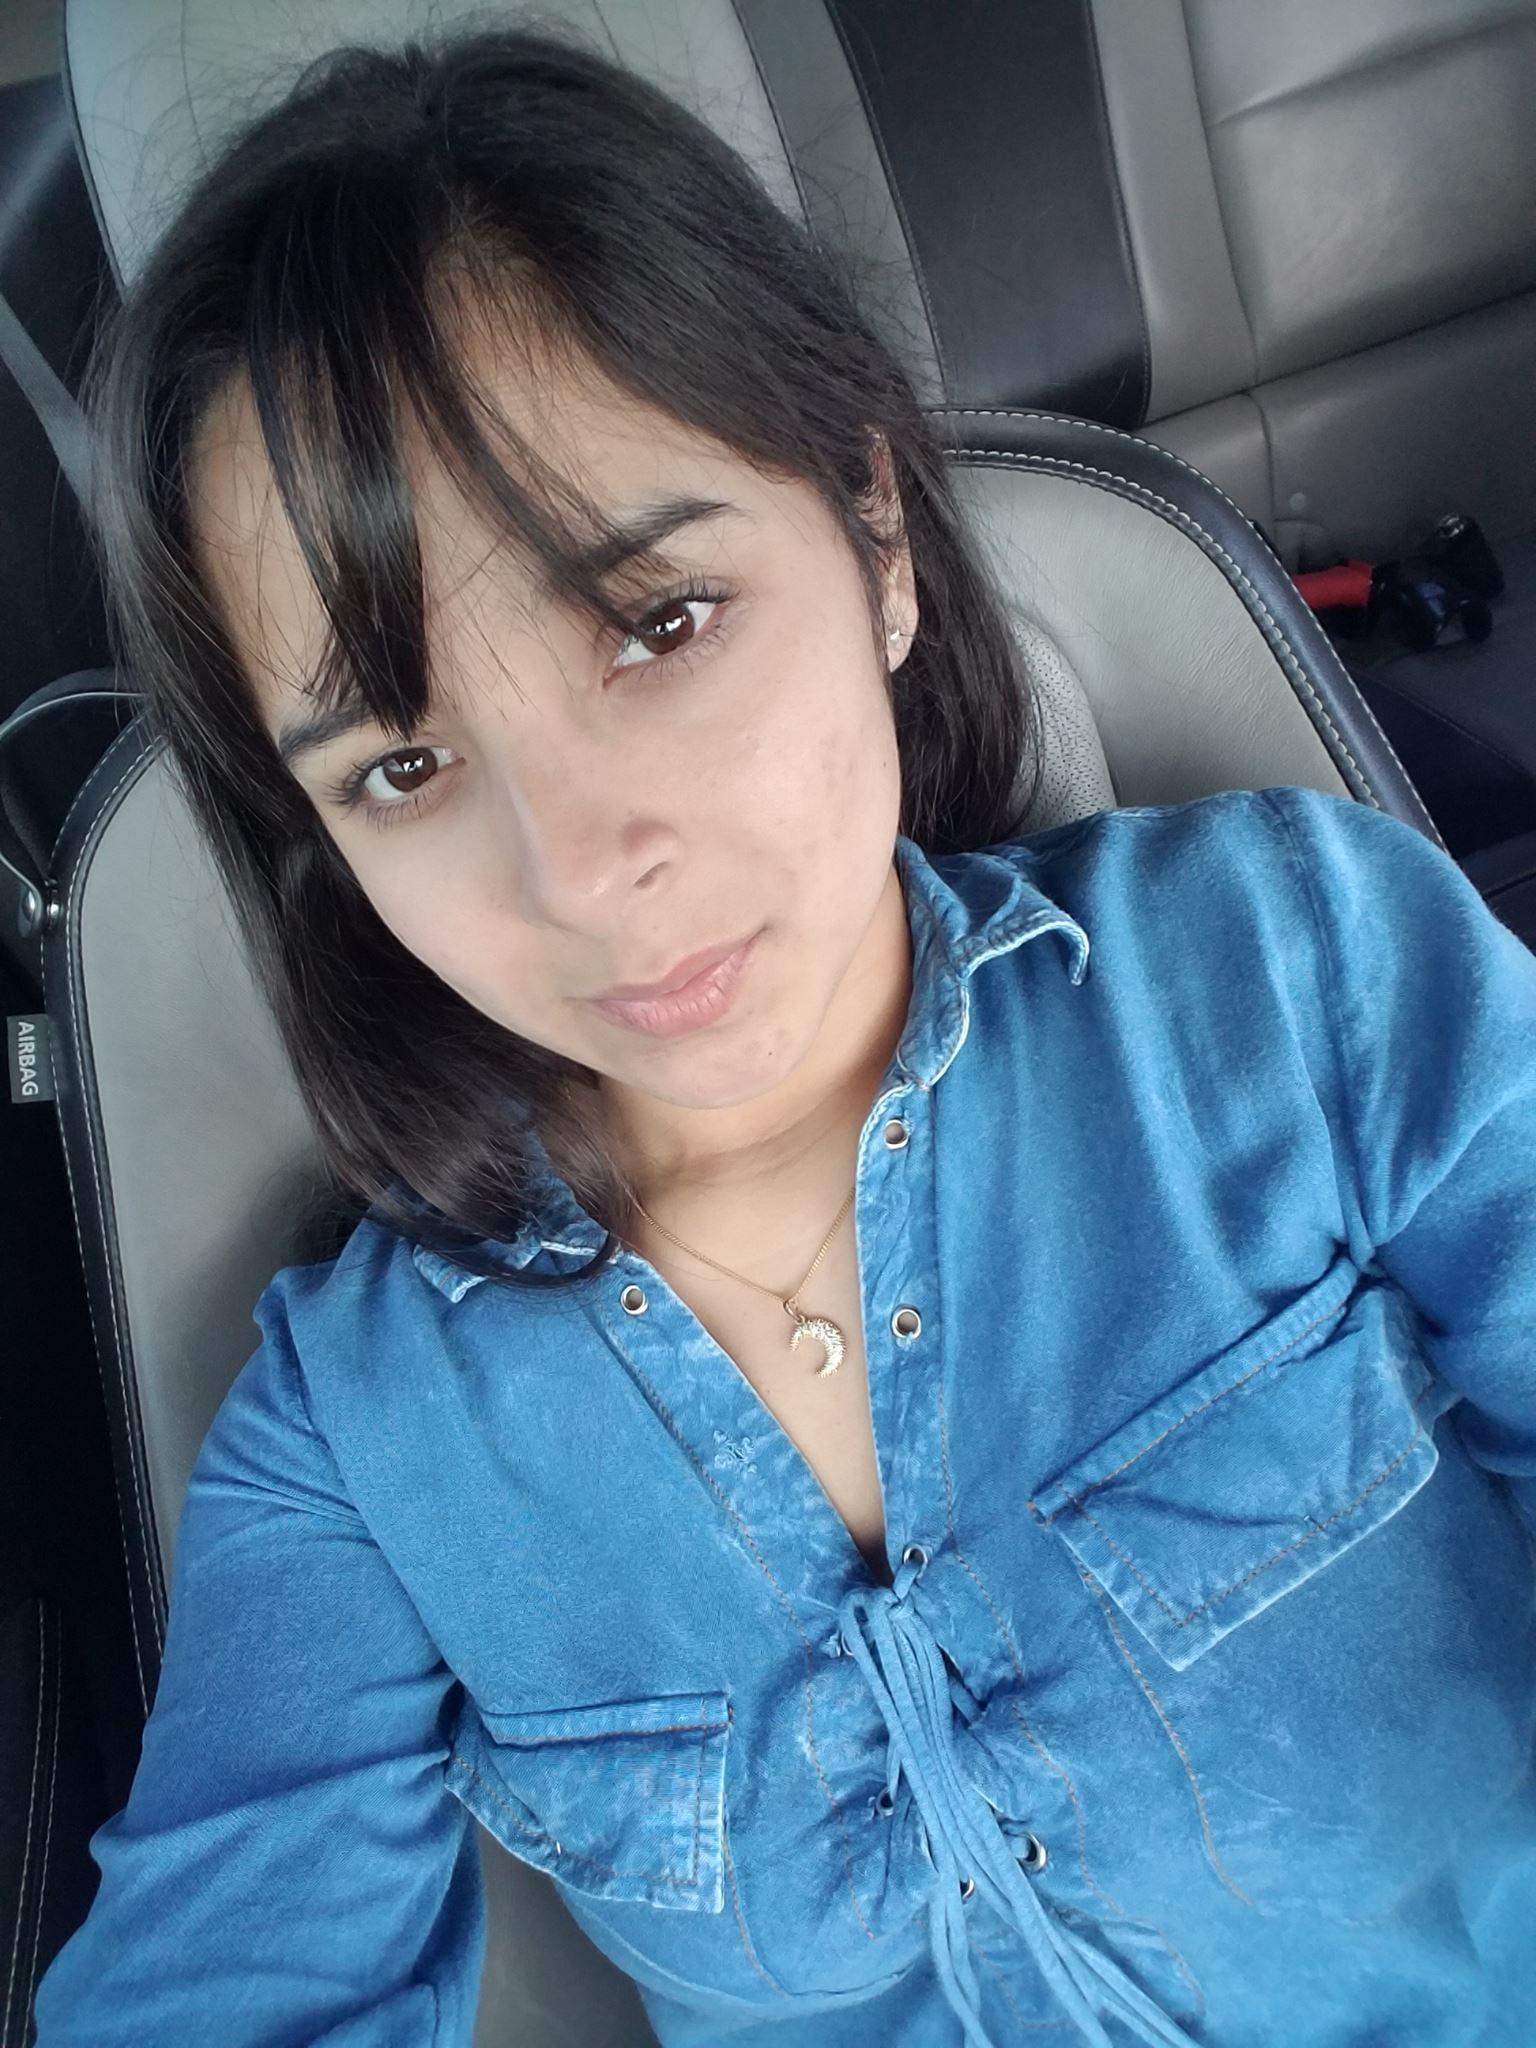 Morra Joselyn Luna con unas tetas preciosas. [Fotos+ Video.] 1